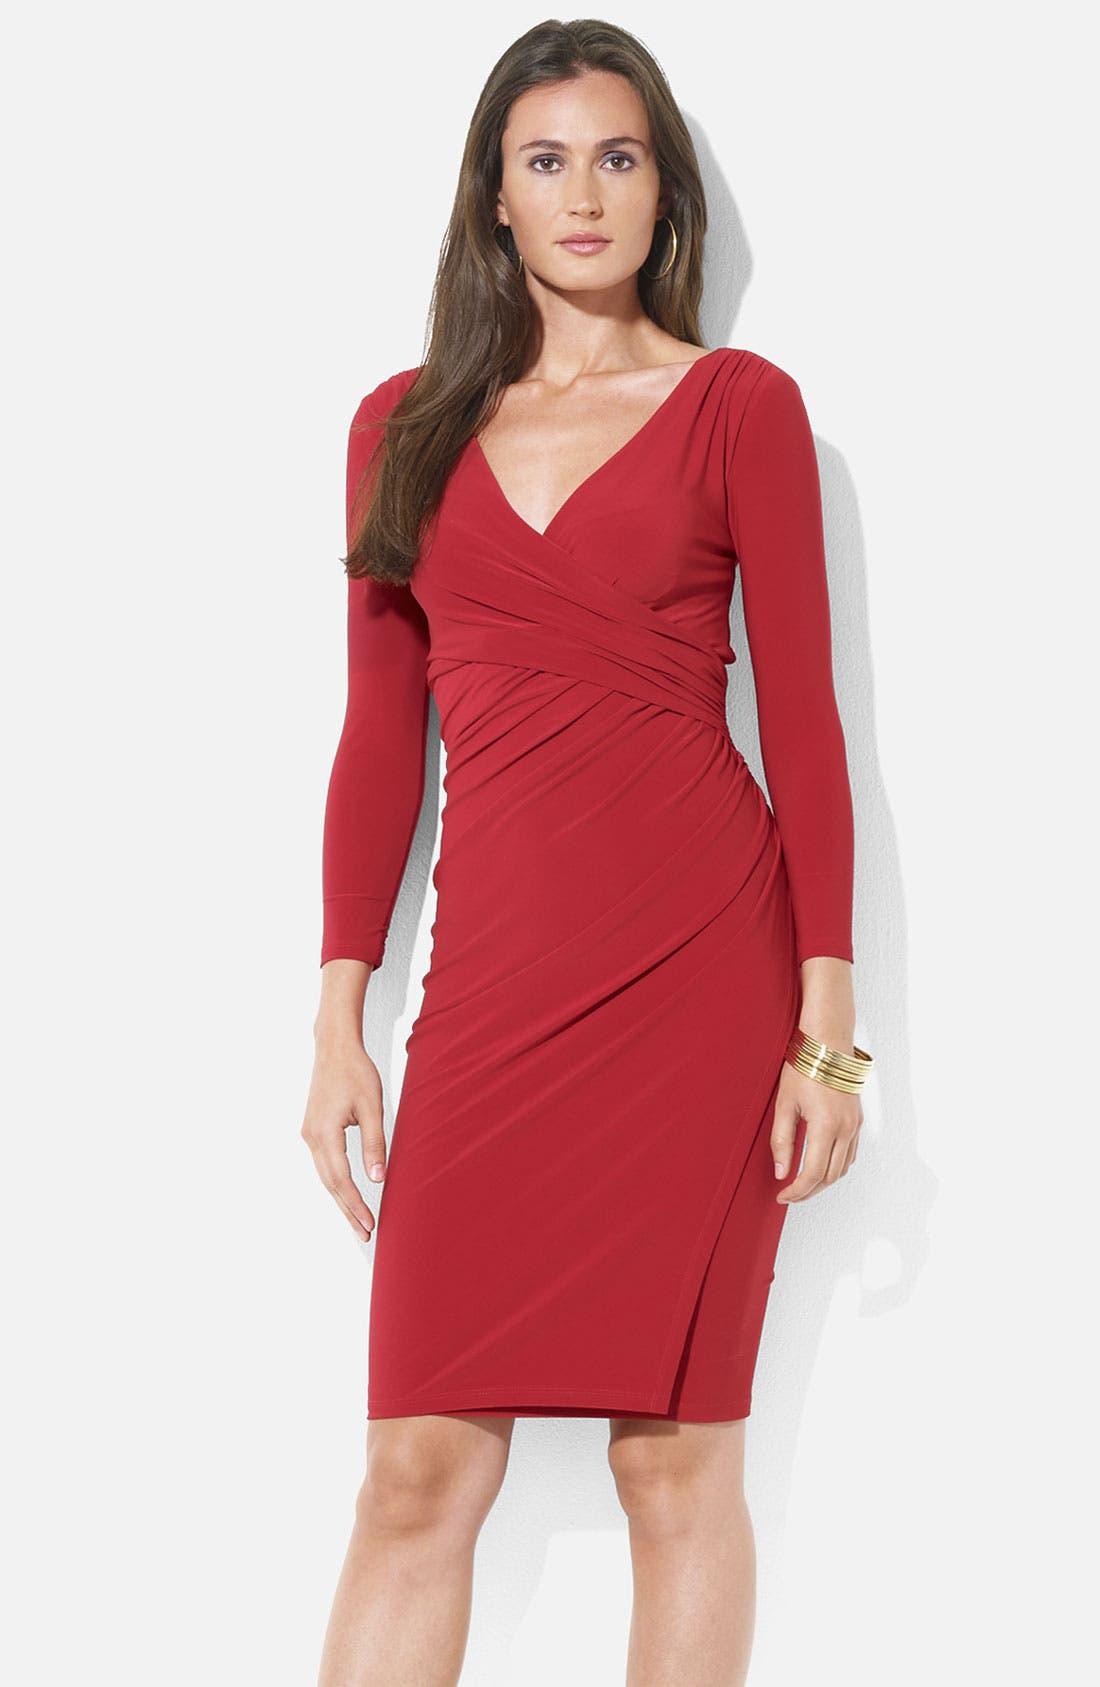 Alternate Image 1 Selected - Lauren Ralph Lauren Ruched Surplice Jersey Sheath Dress